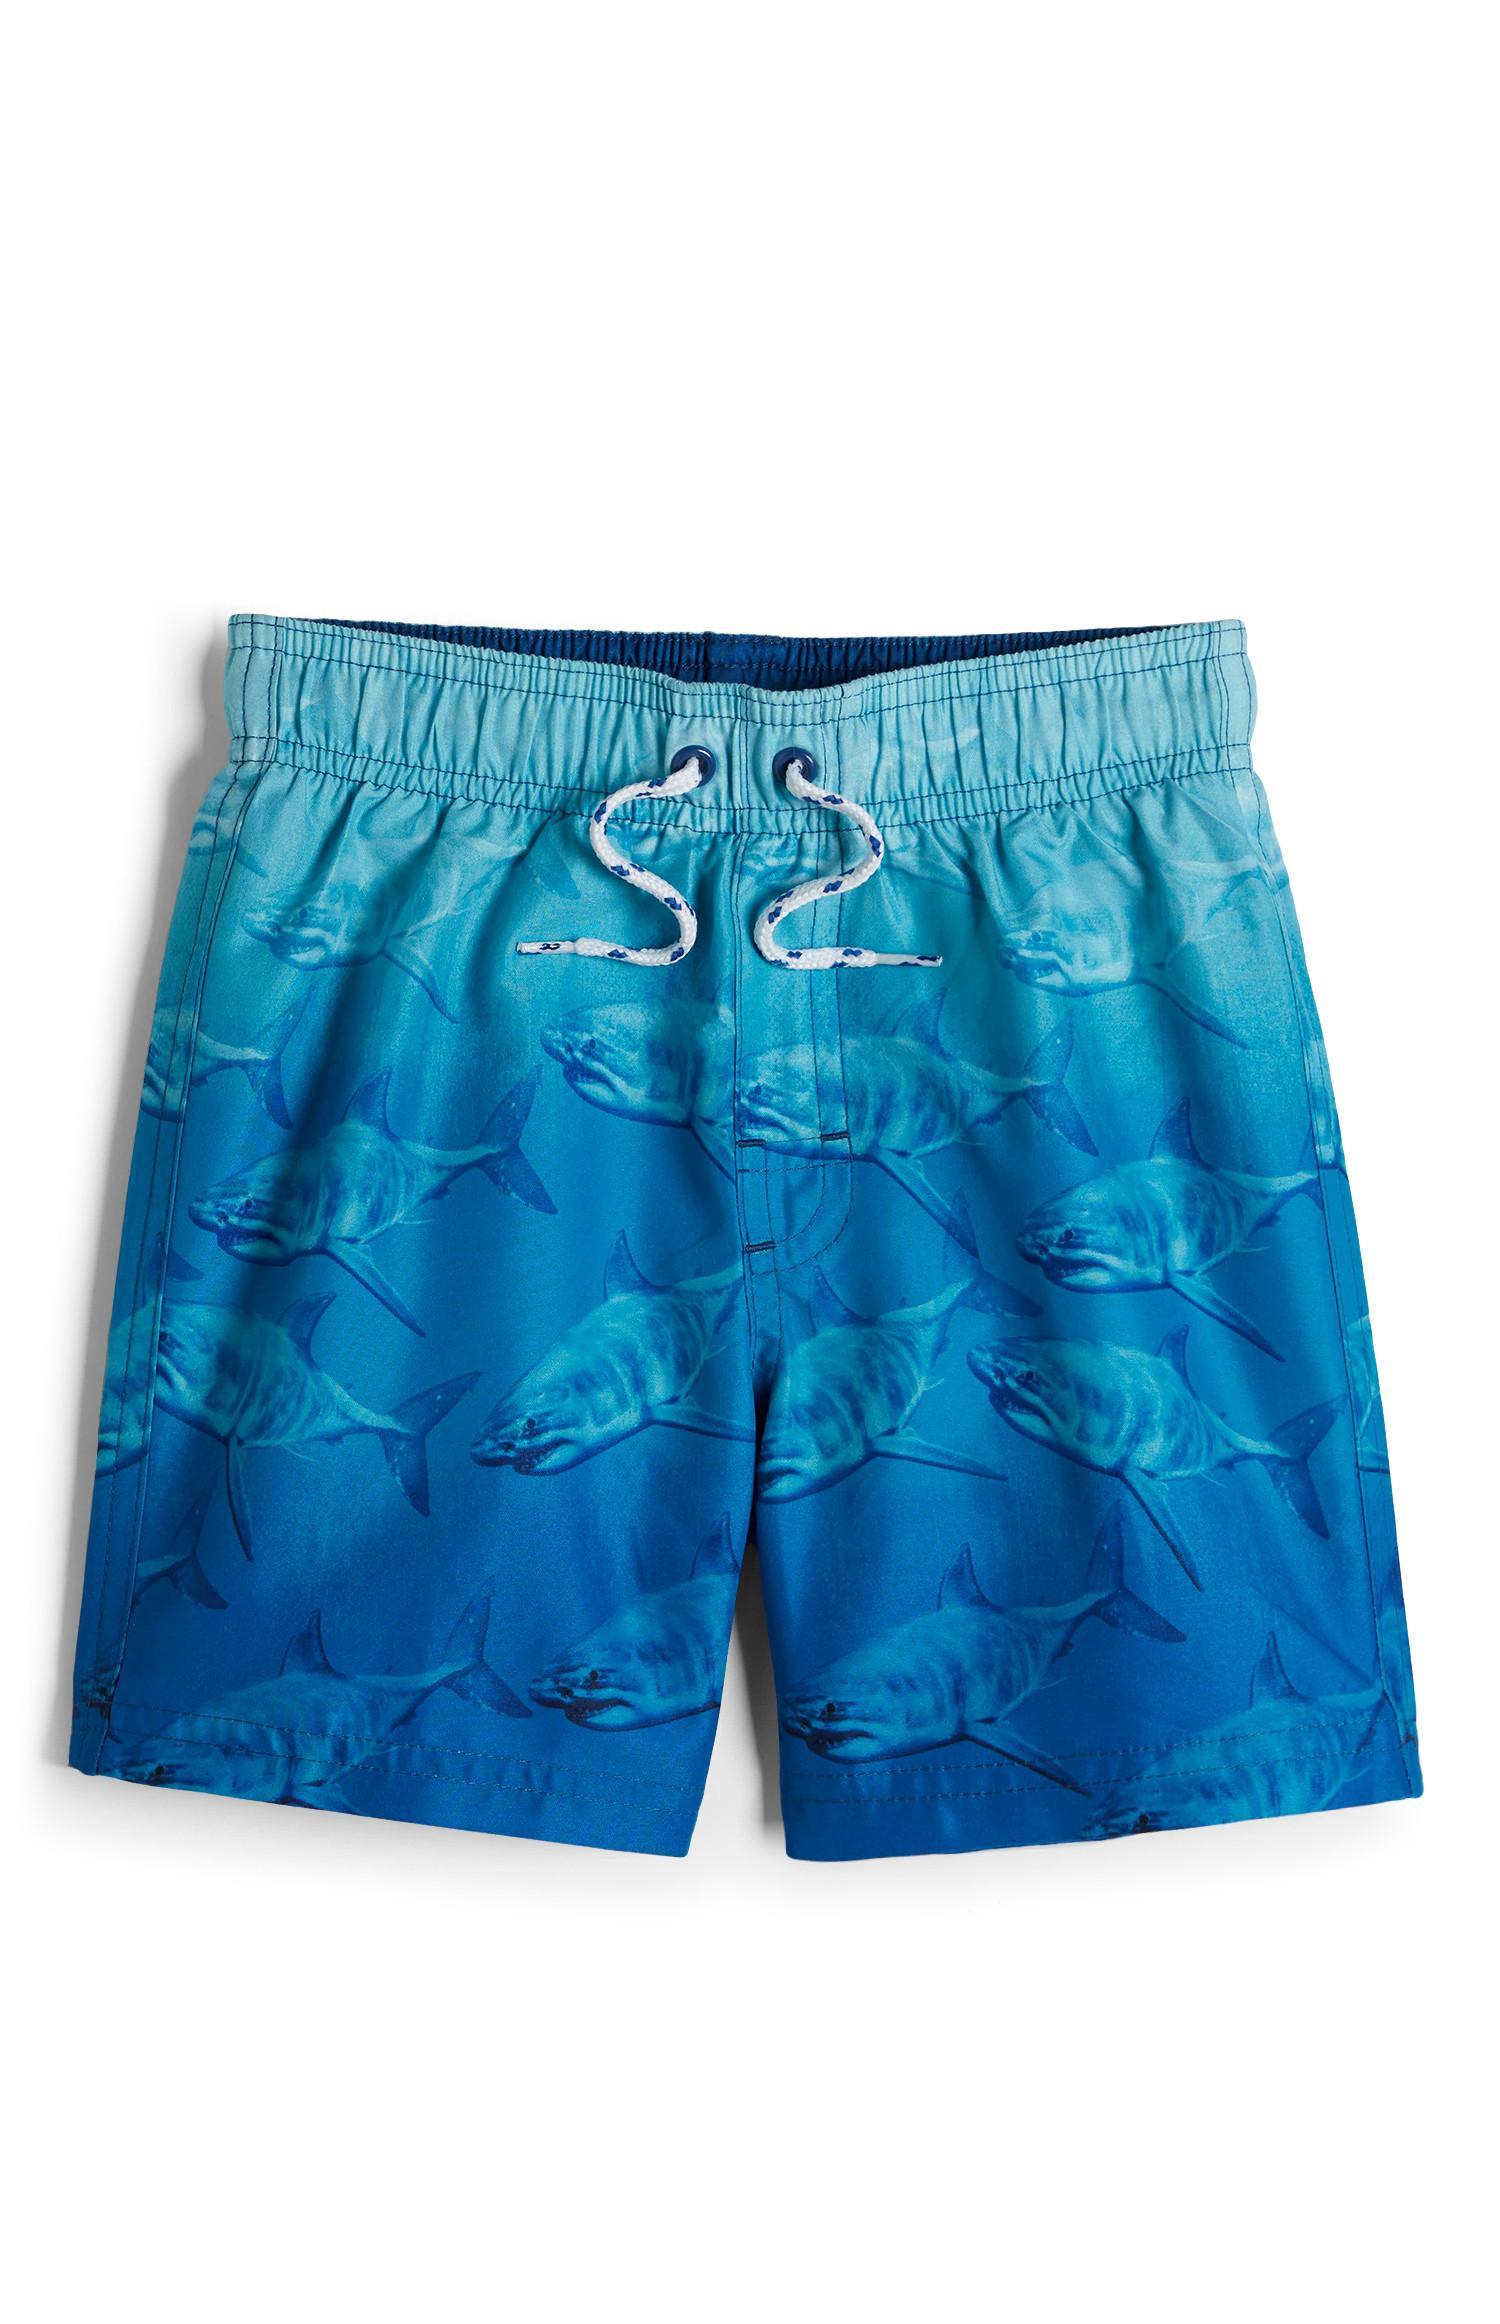 Boys Shark Swim Shorts